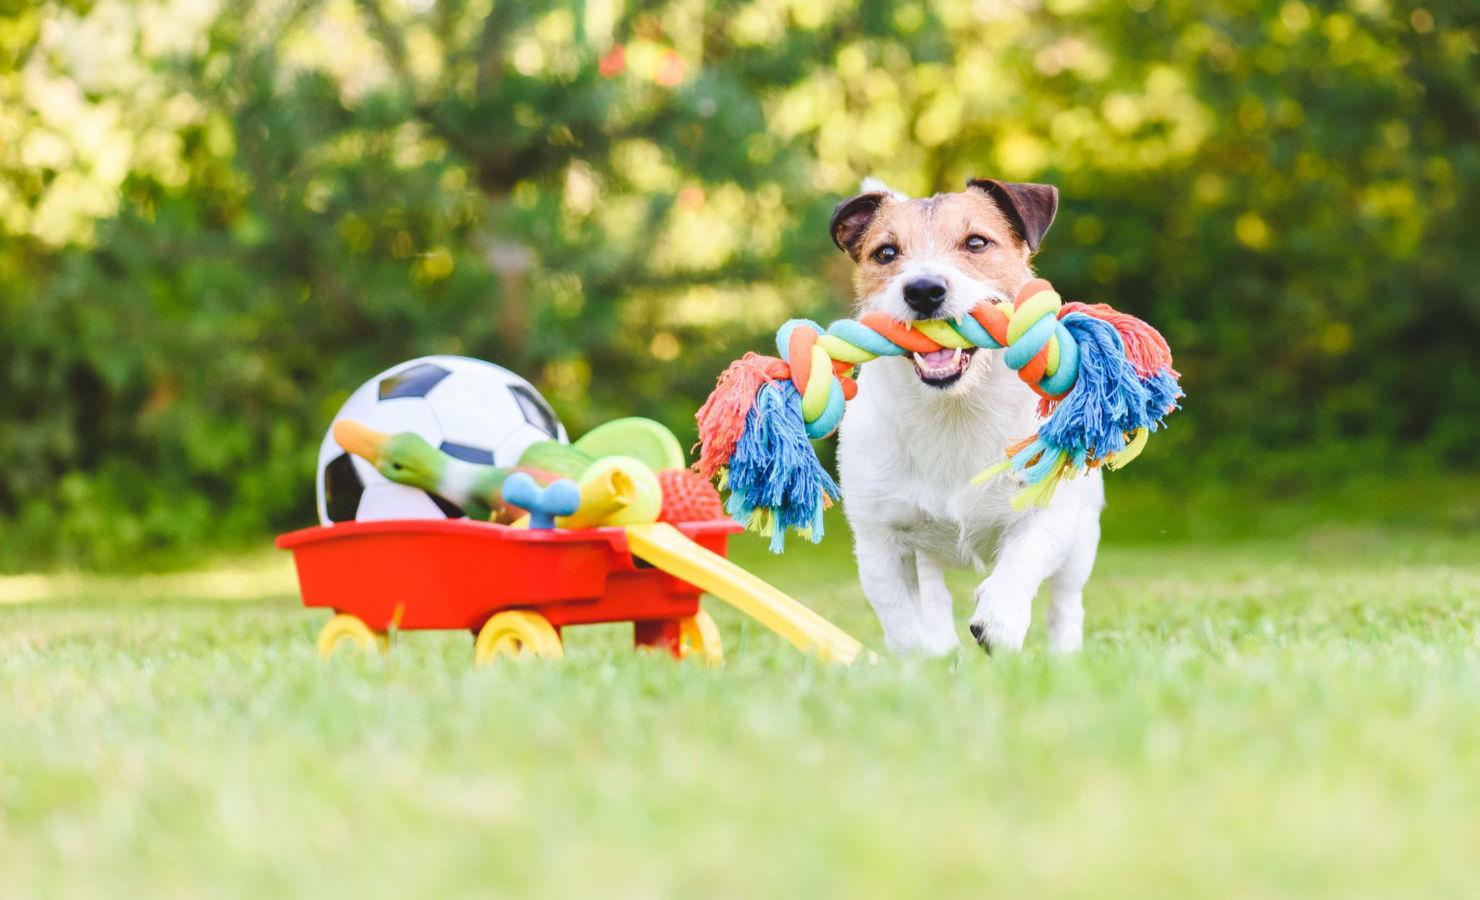 7 Juegos para entretener a tus perros en casa durante la cuarentena